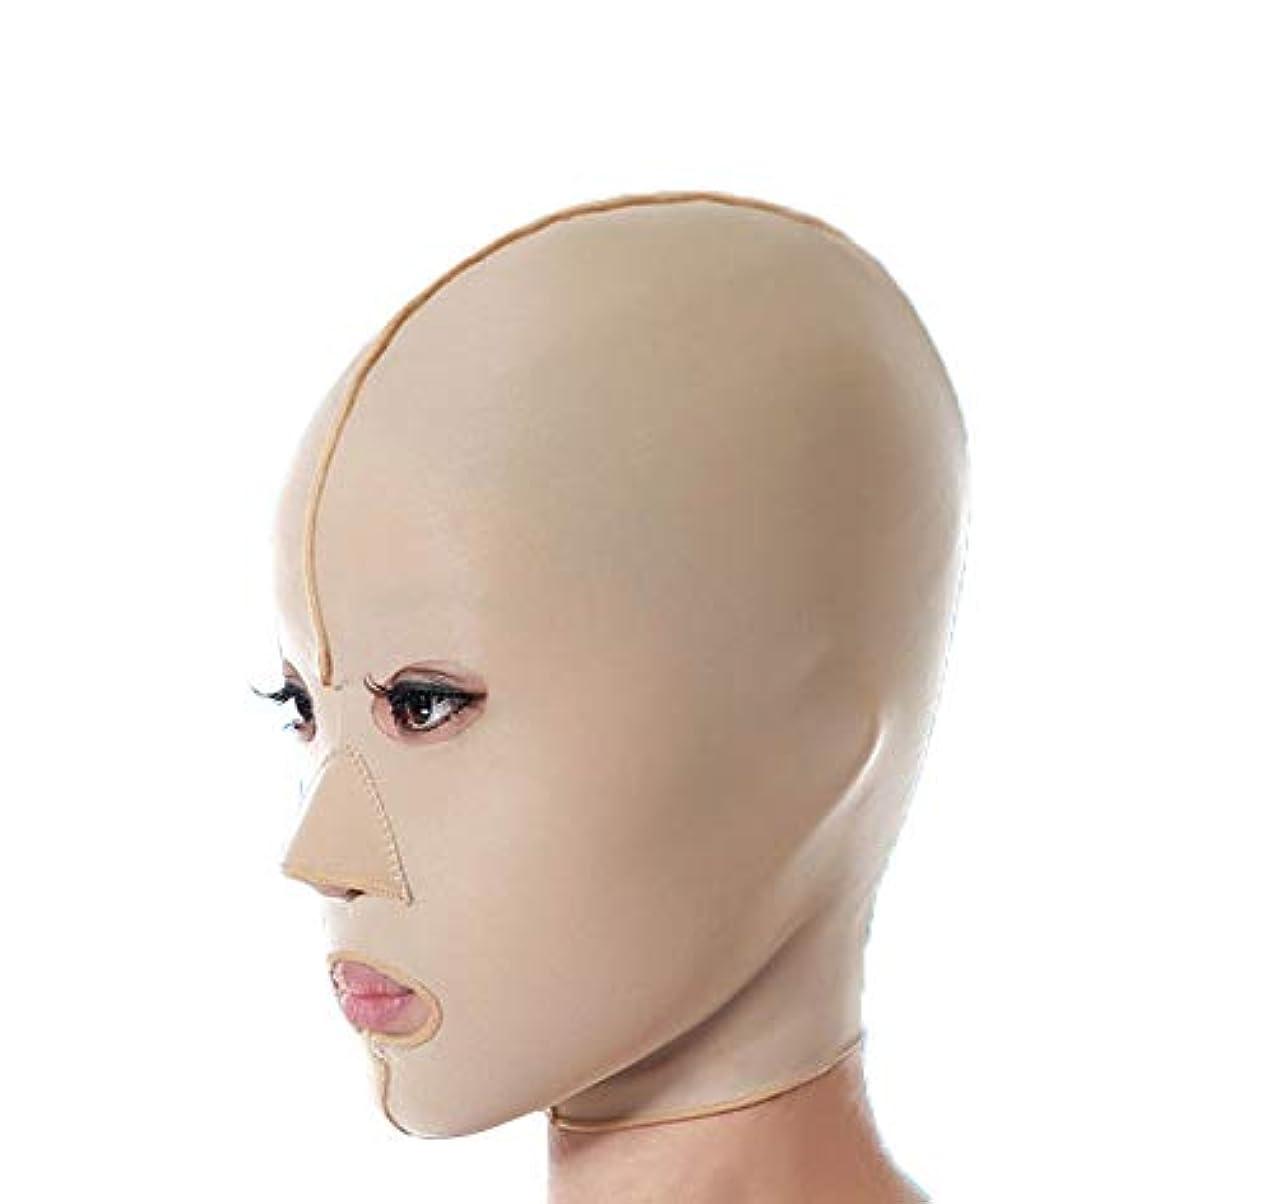 付添人提案するイソギンチャクGLJJQMY 引き締めマスクマスク漢方薬強力なマスクアーティファクト美容垂れ防止方法フェイシャルリフティング引き締めフルフェイスマスク 顔用整形マスク (Size : S)